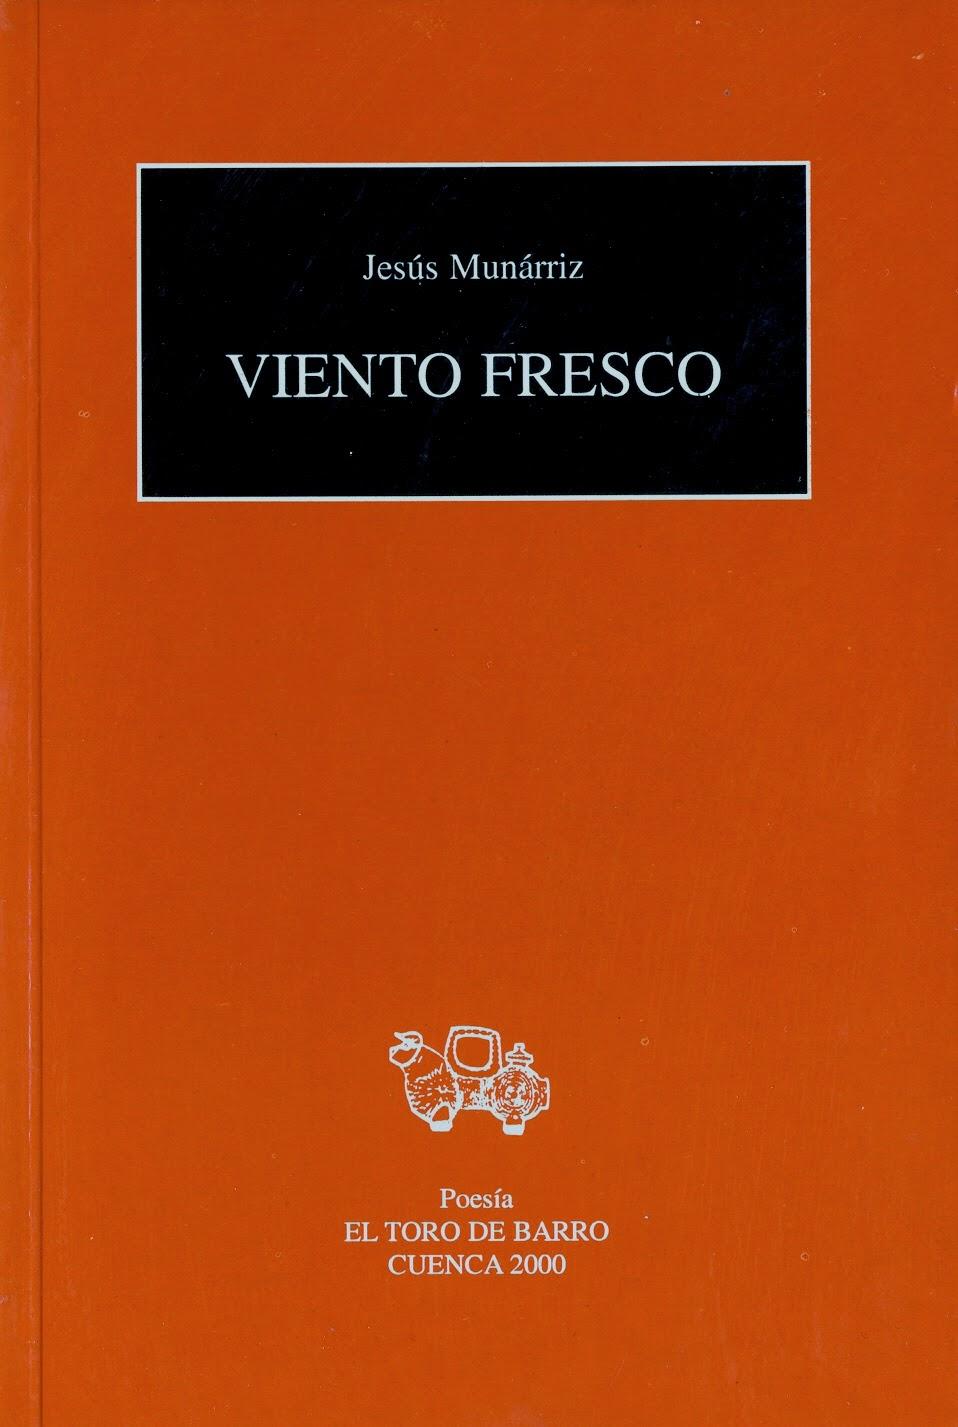 """Jesús Munárriz, """"Viento fresco"""", El Toro de Barro, Tarancón de Cuenca  2000"""